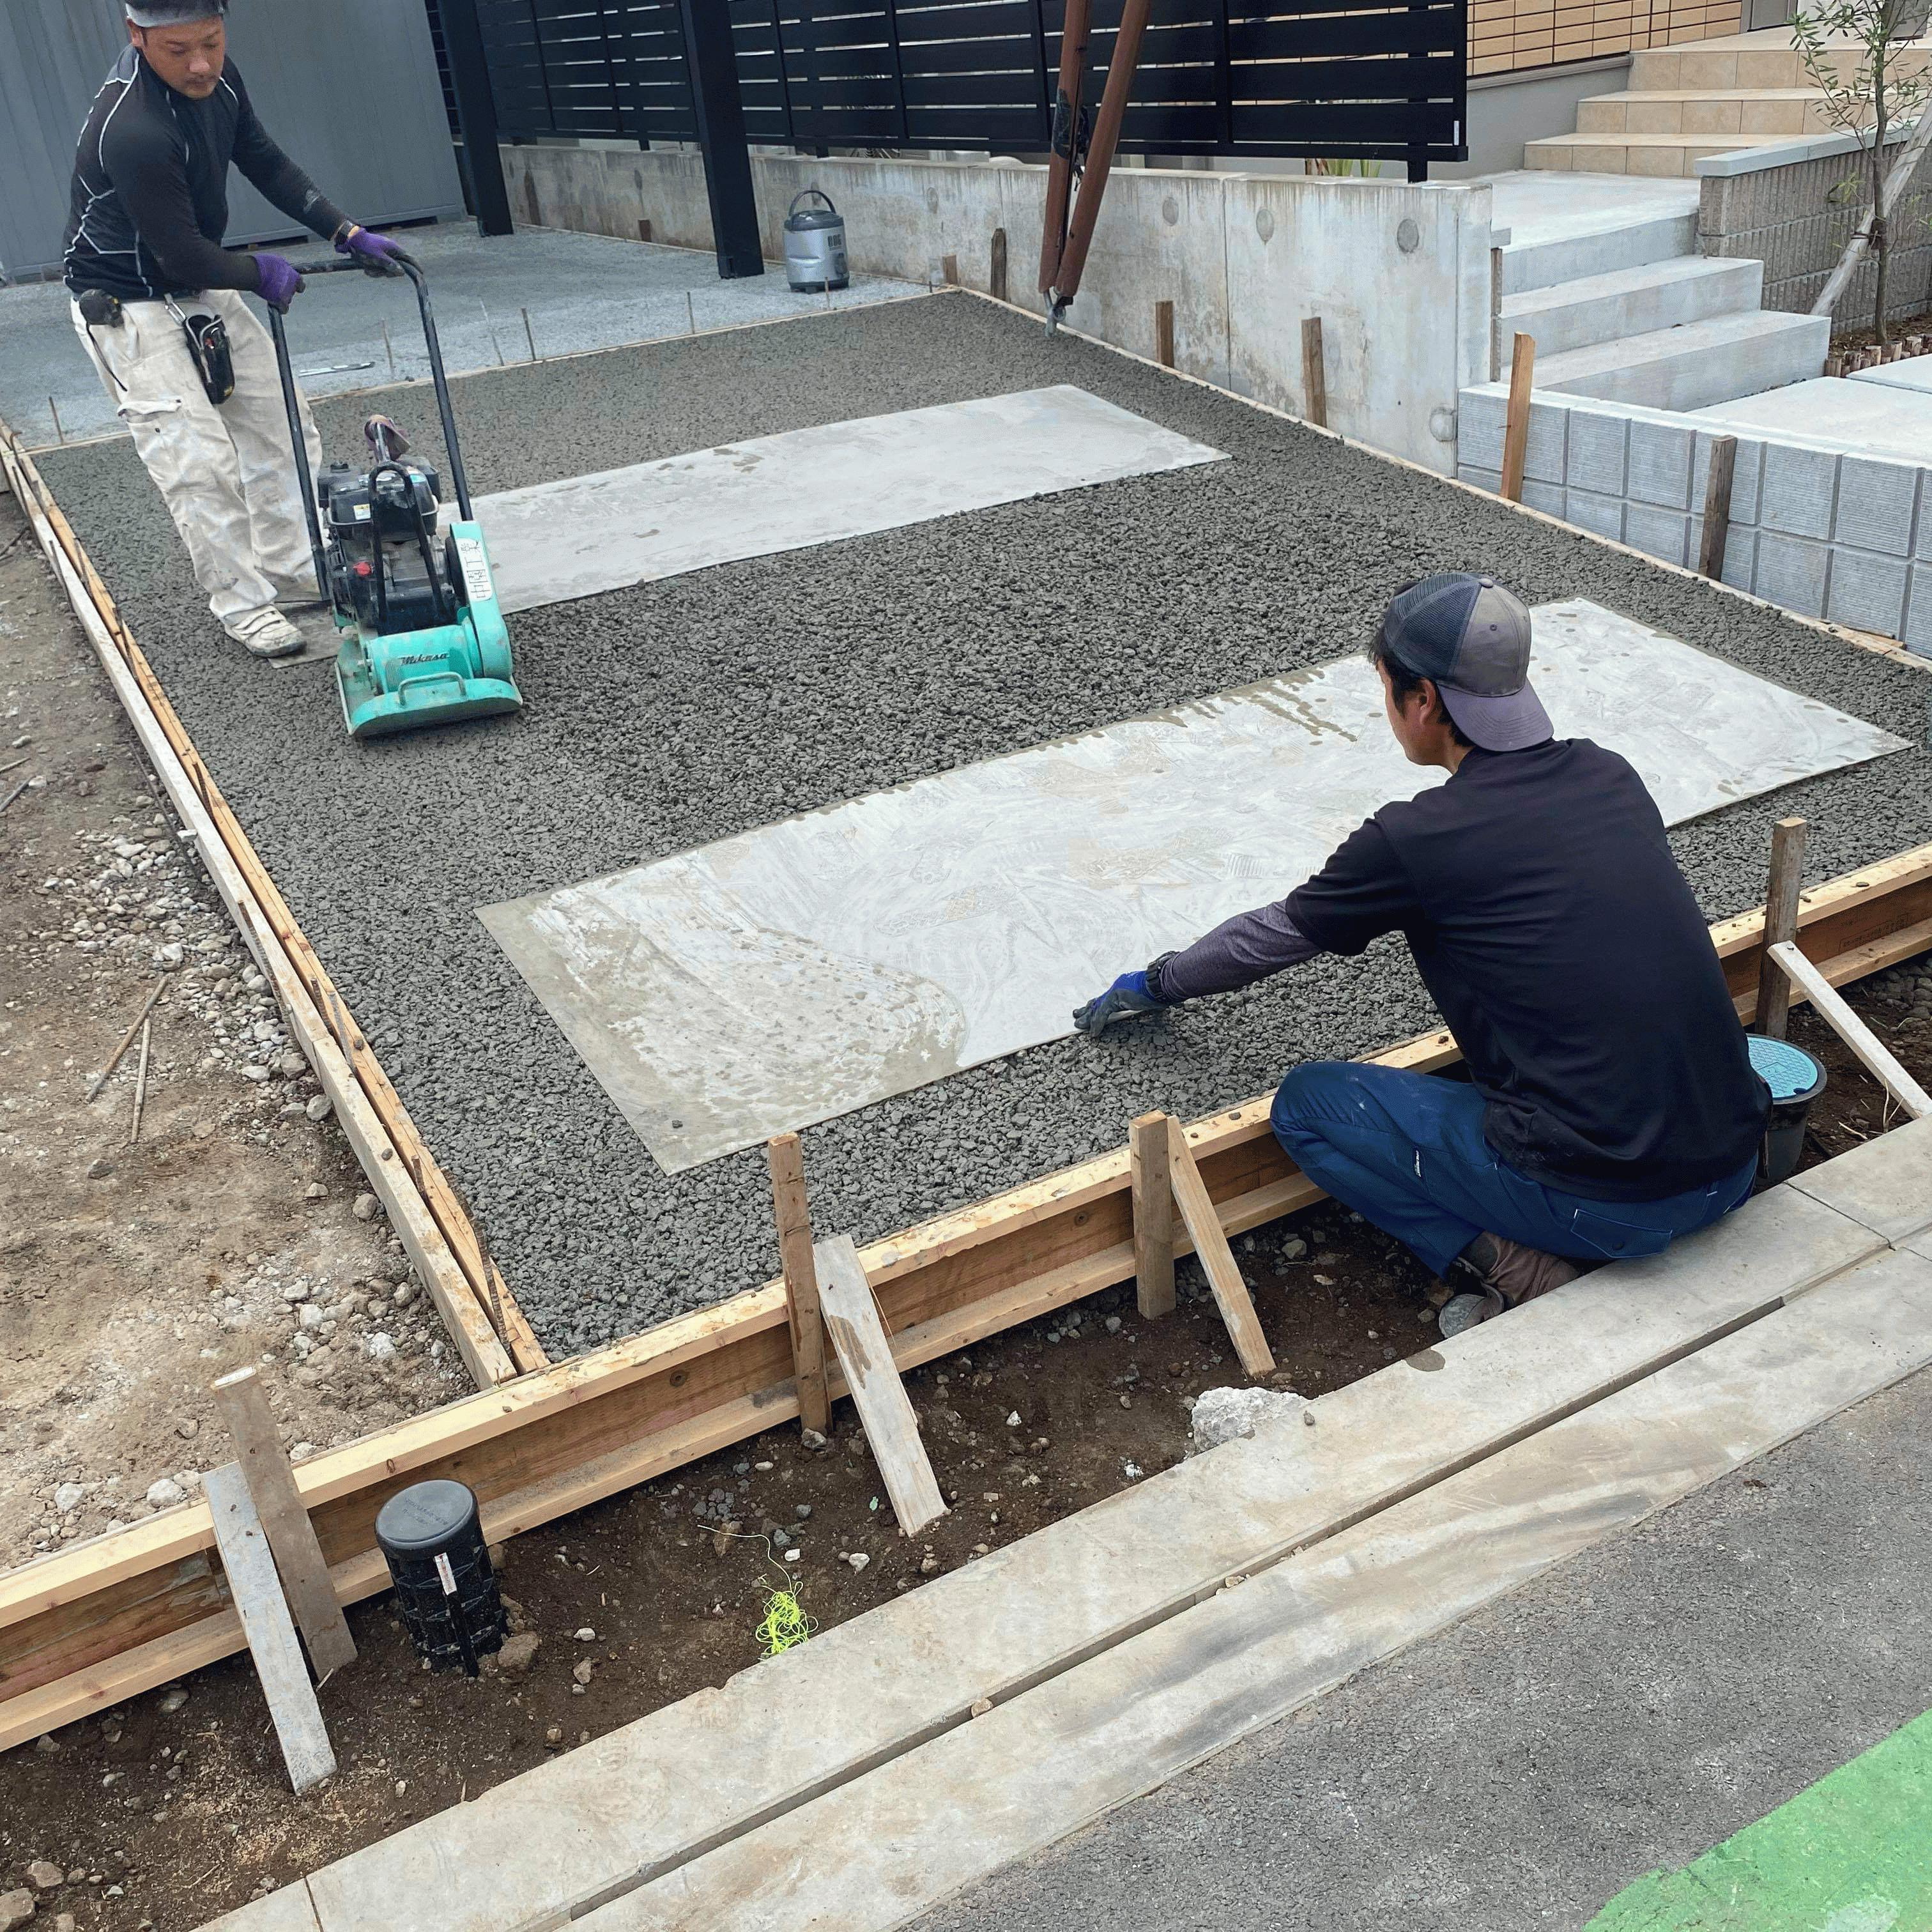 【静岡】「滑らんなあ」《防滑》《平ら》《雑草》中園工業